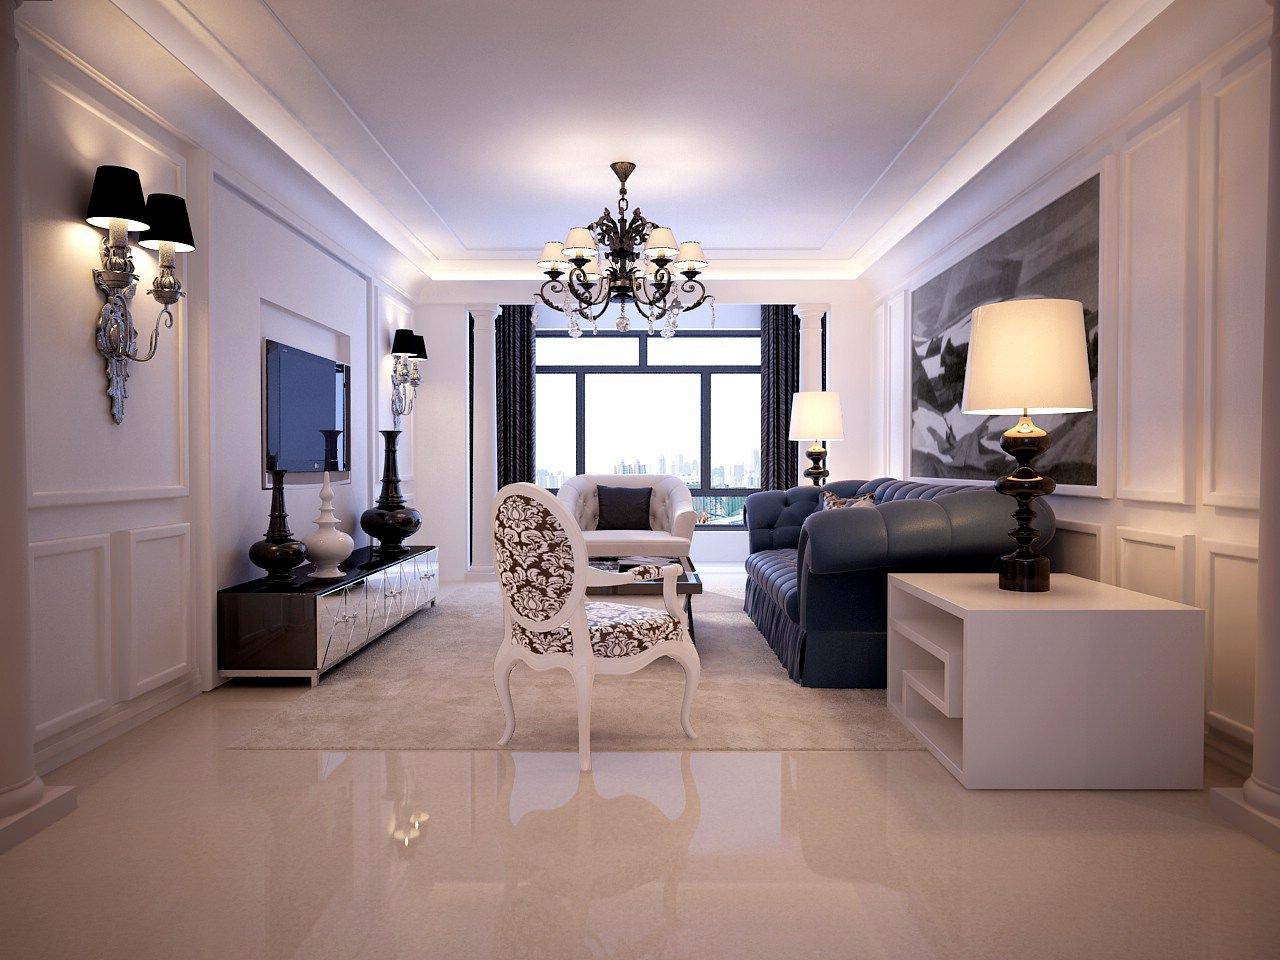 light living room 3d model max. Black Bedroom Furniture Sets. Home Design Ideas